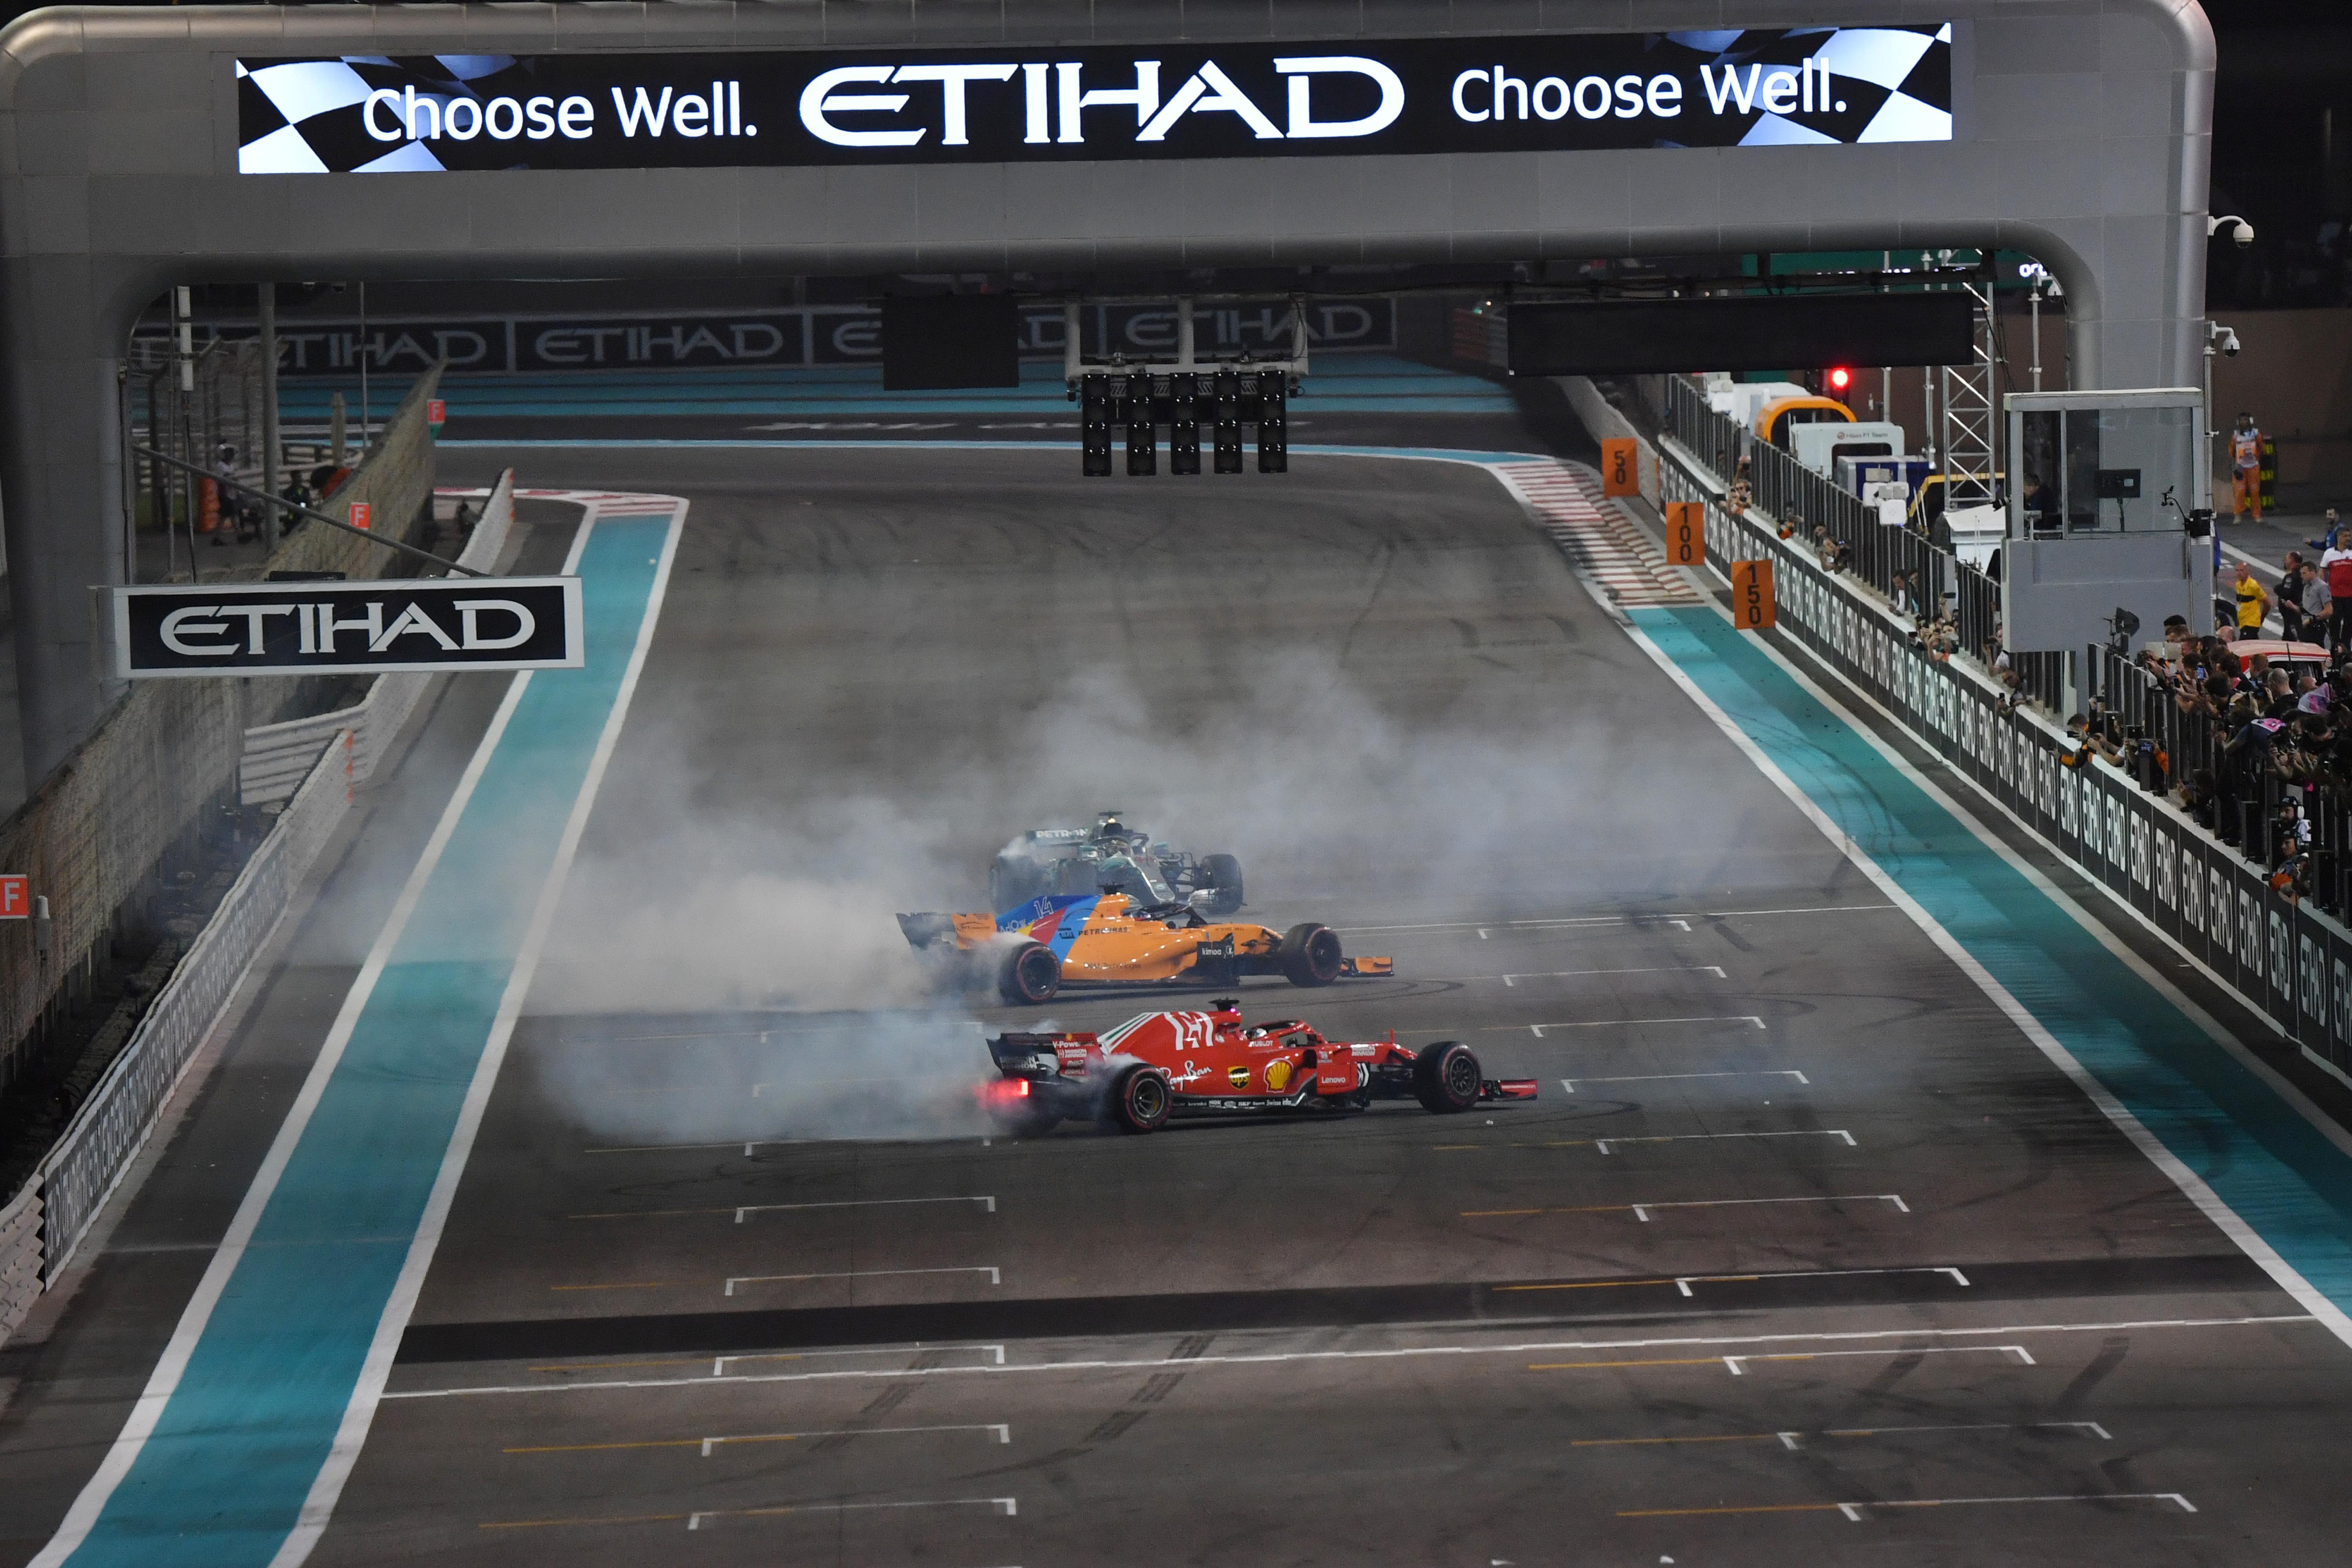 Je li ono najbolje što nam mogu ponuditi Alonso i Renault tek pred nama?